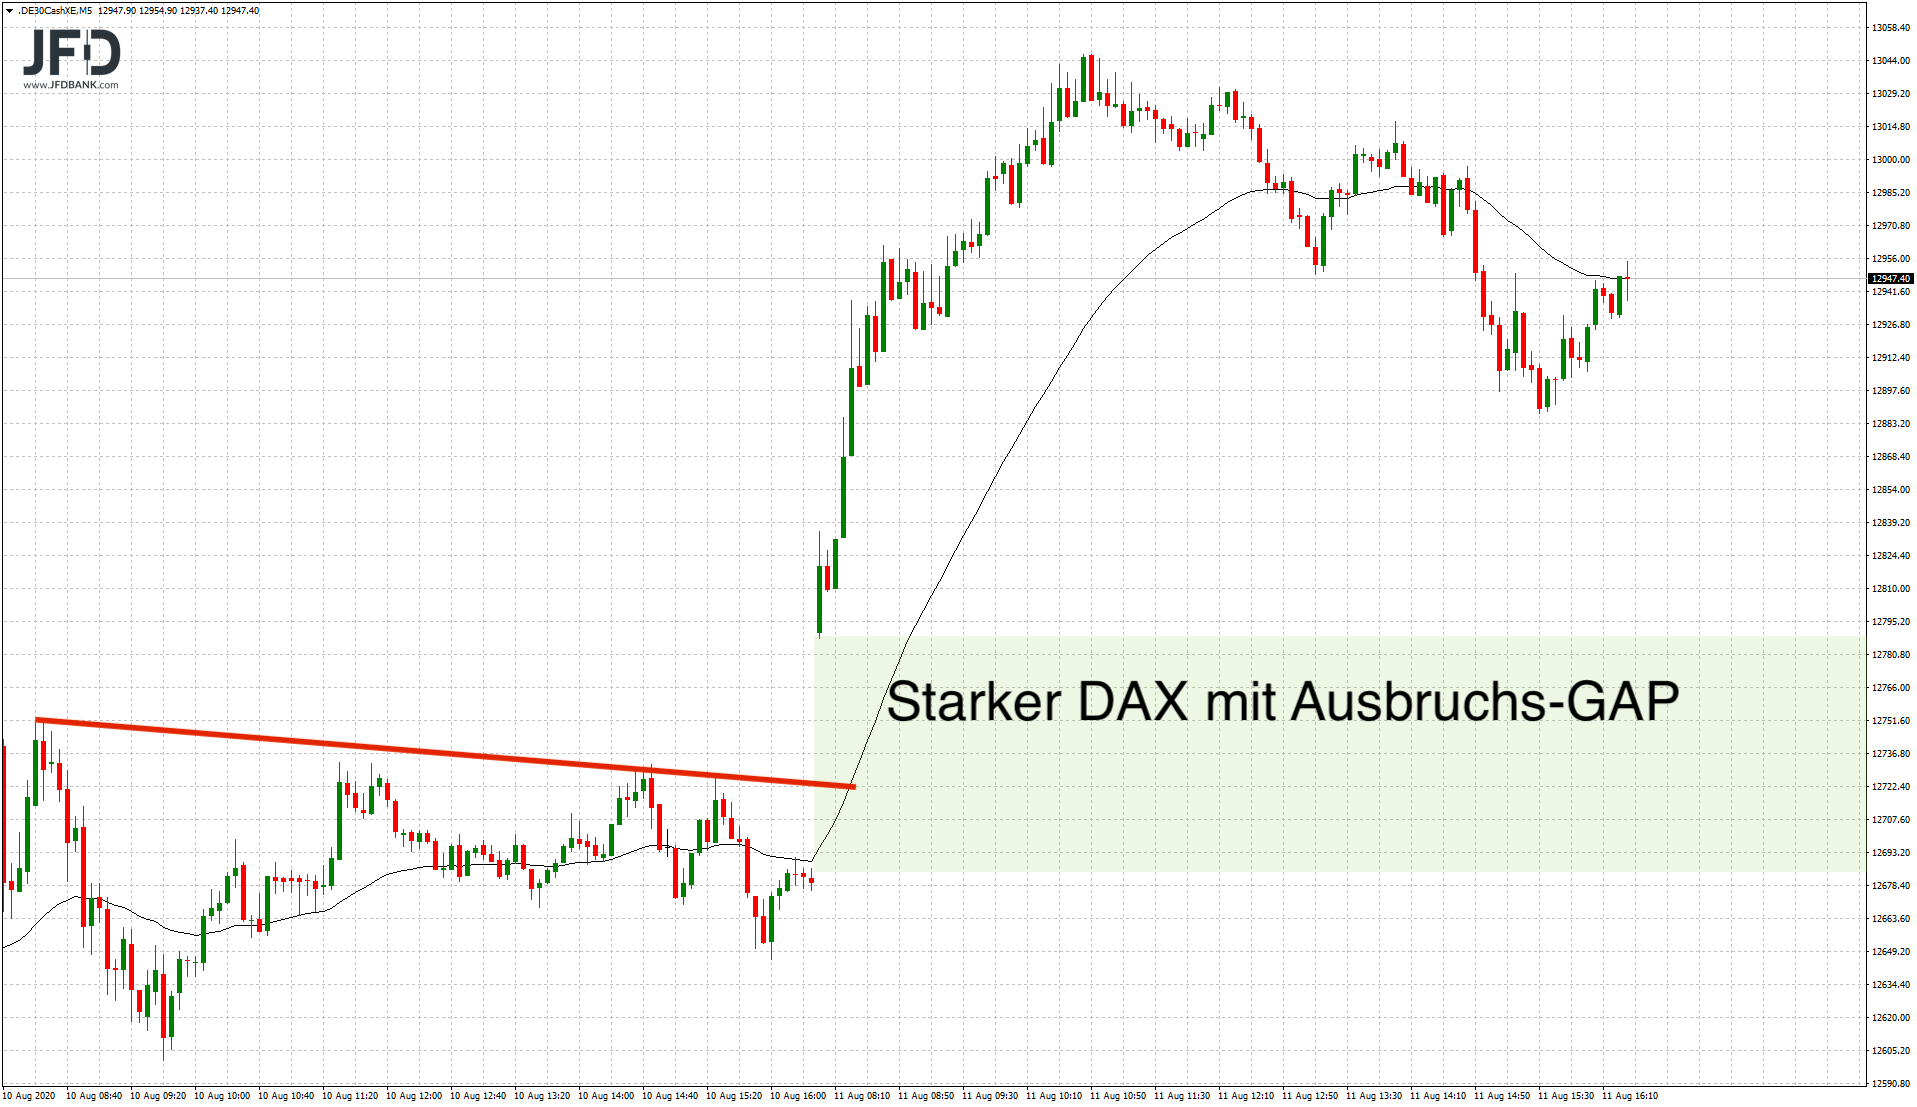 DAX-Ausbruch am Dienstag im Detail